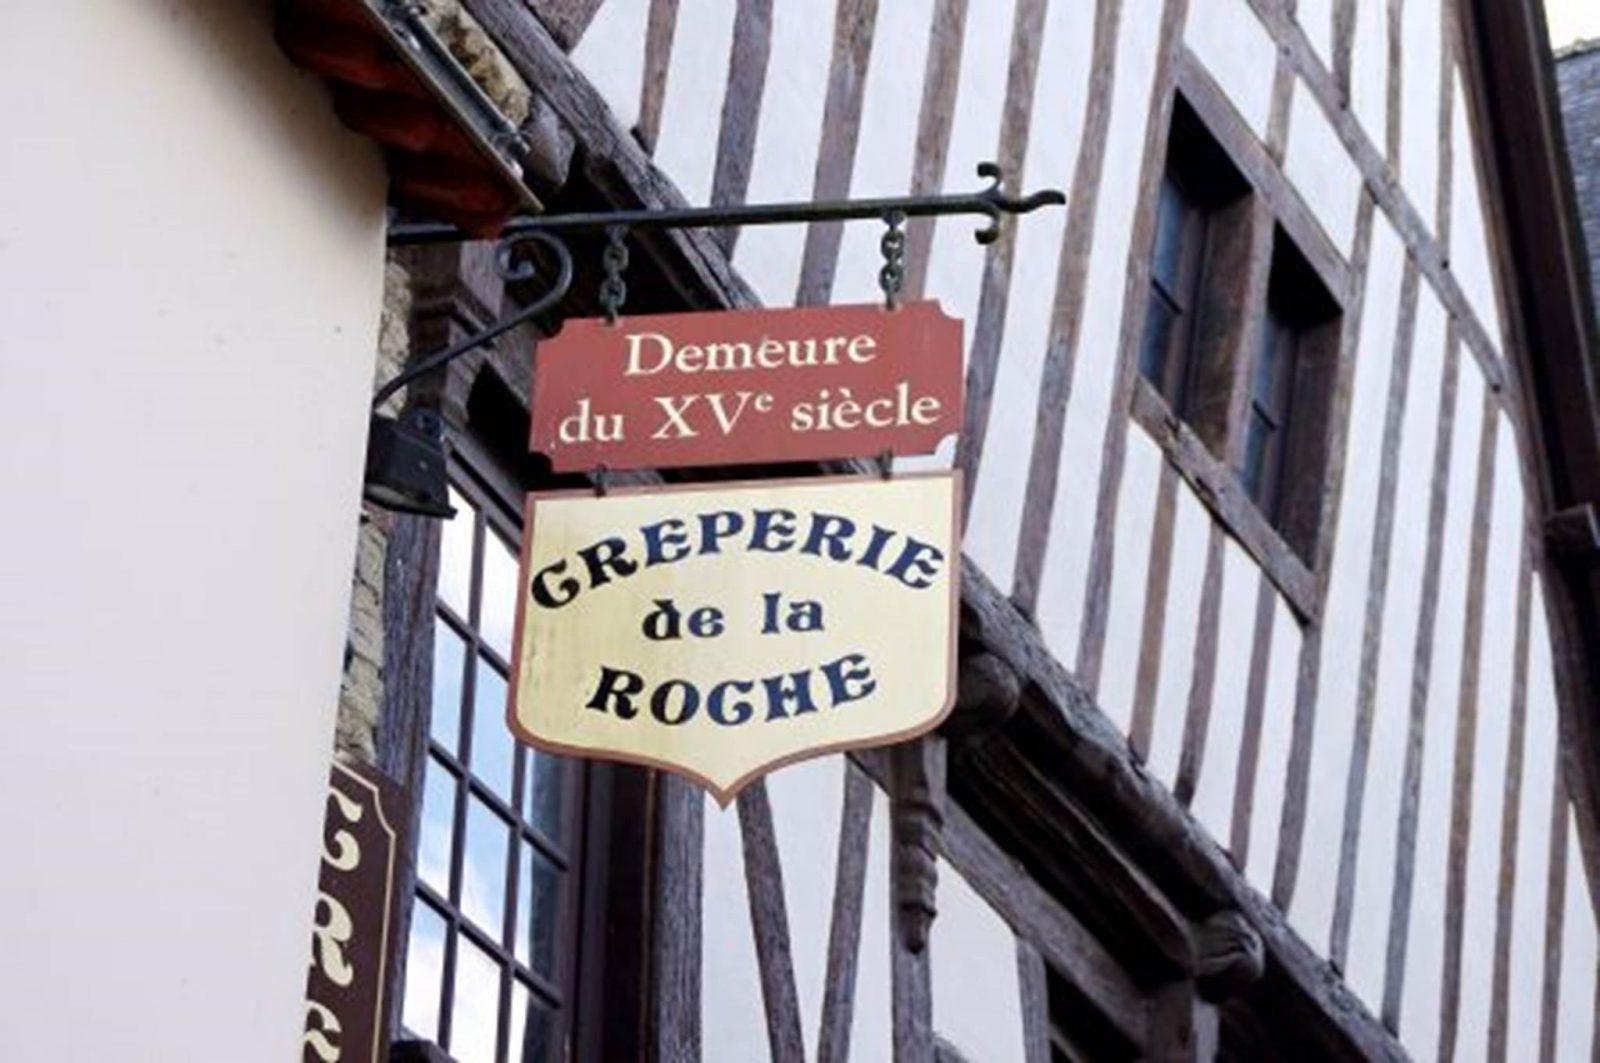 Crêperie de la Roche – La Roche-Bernard – Morbihan